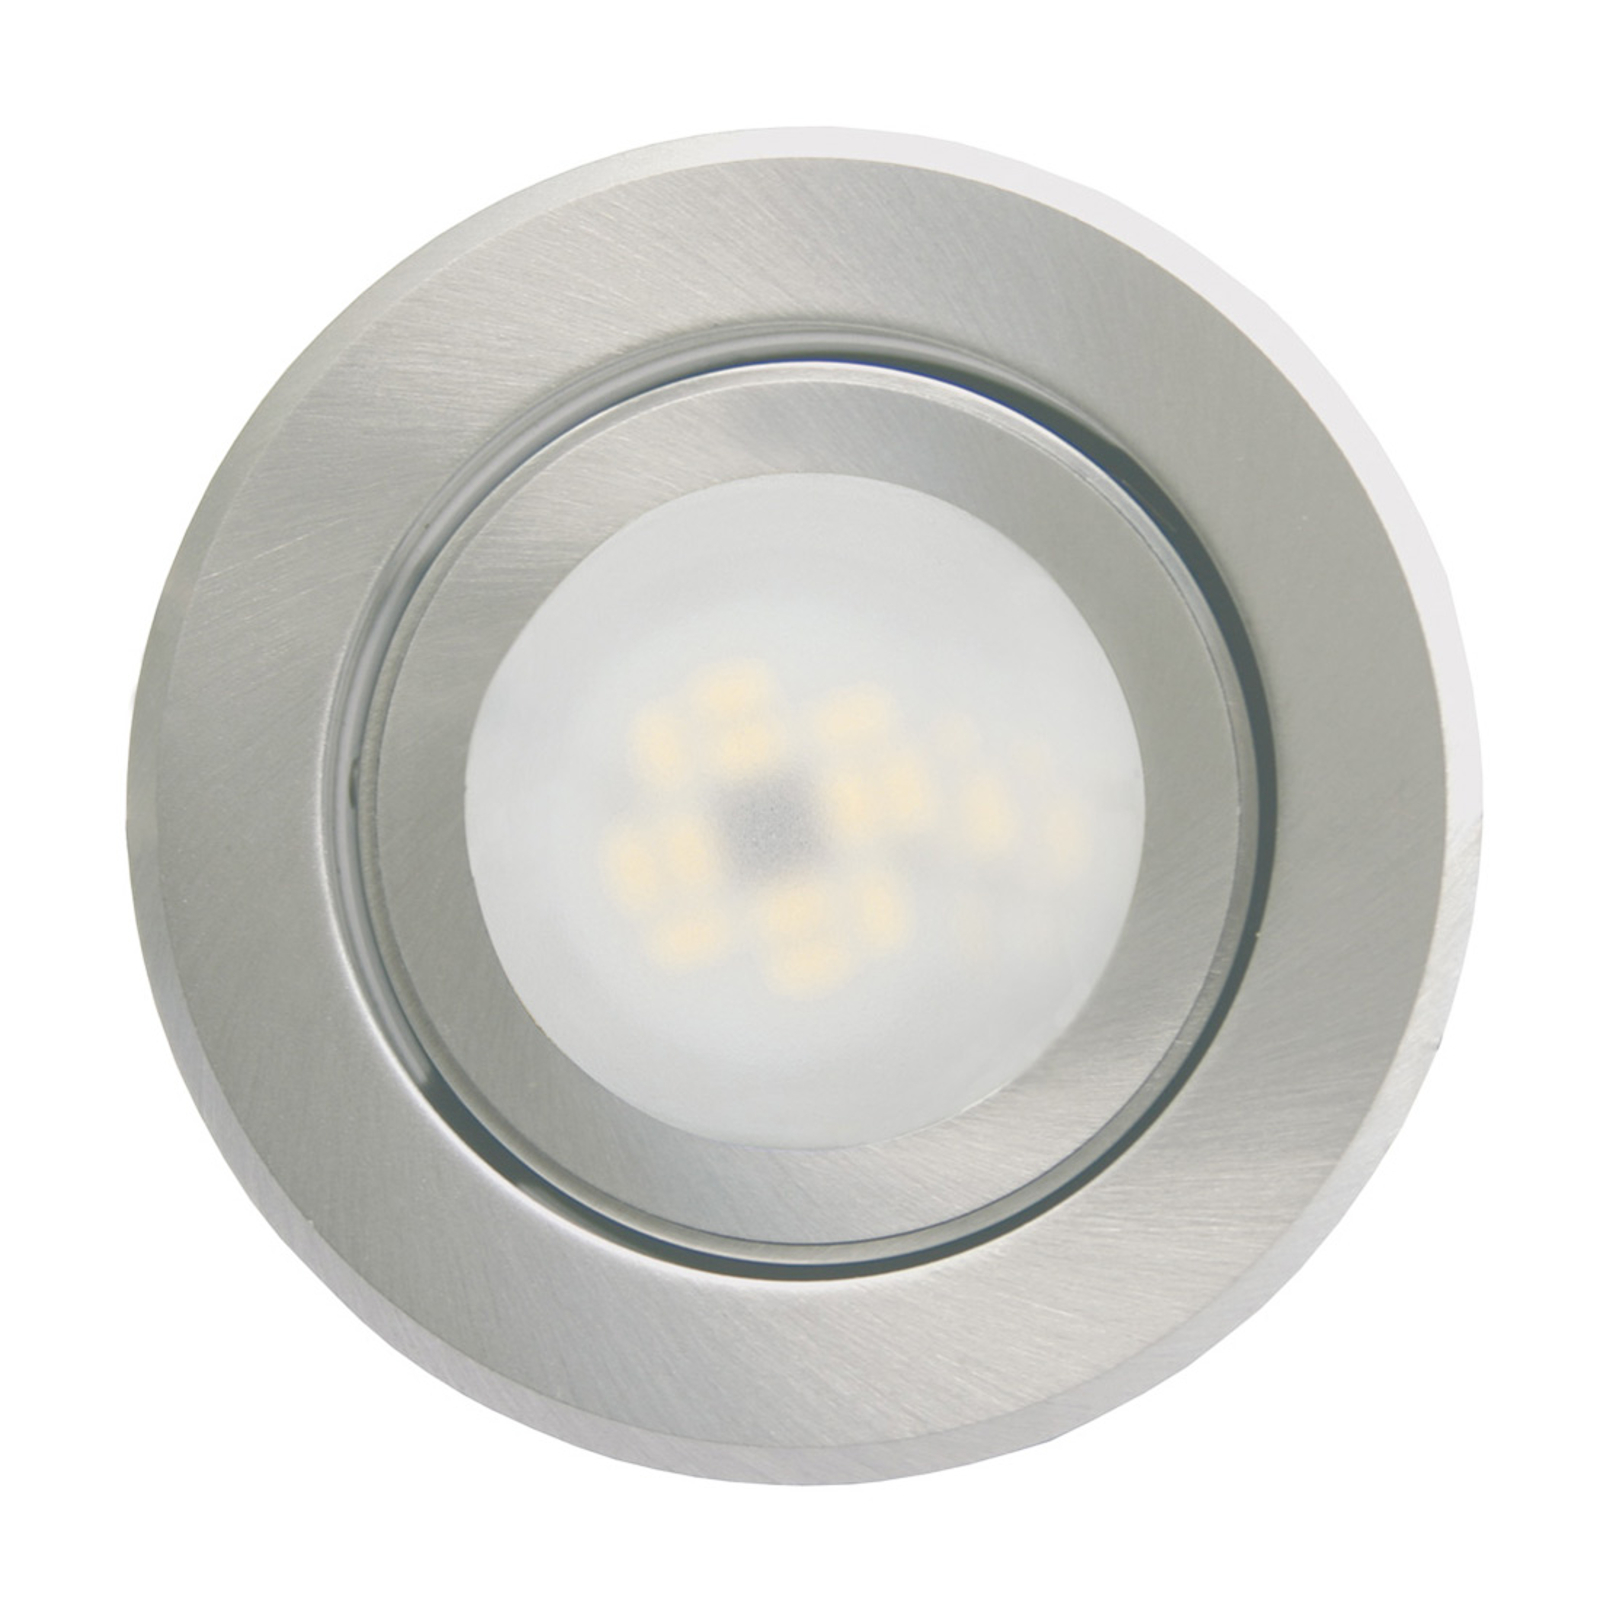 Zapustené svetlo Joanie s LED, brúsený hliník_1524115_1